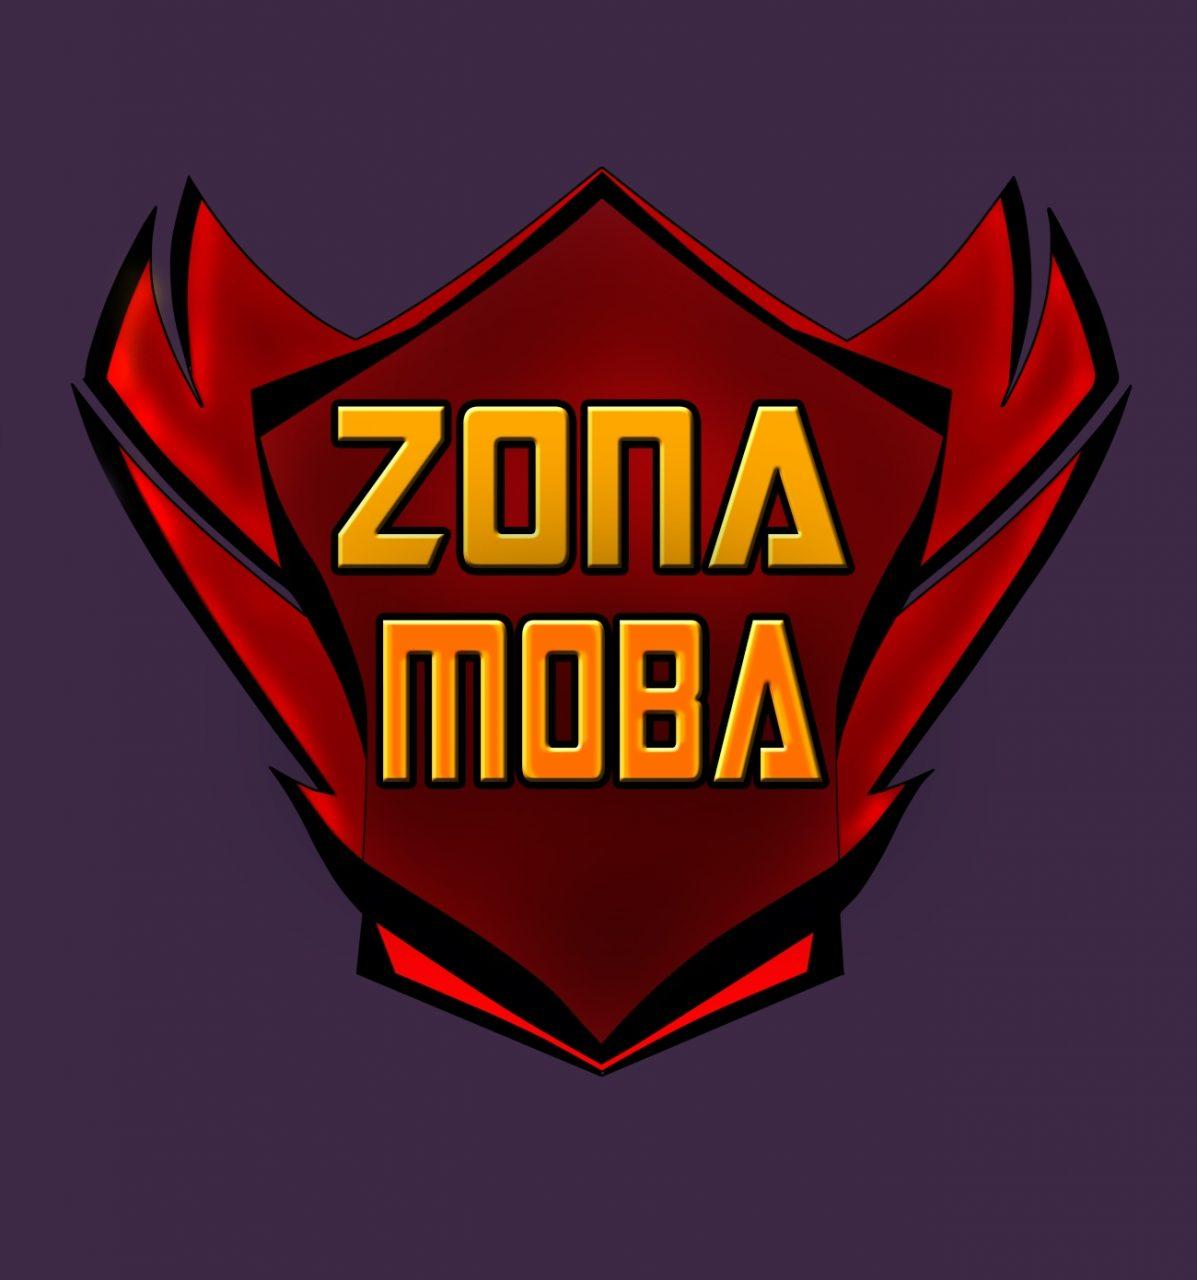 ¡Bienvenidos a Zona MOBA!